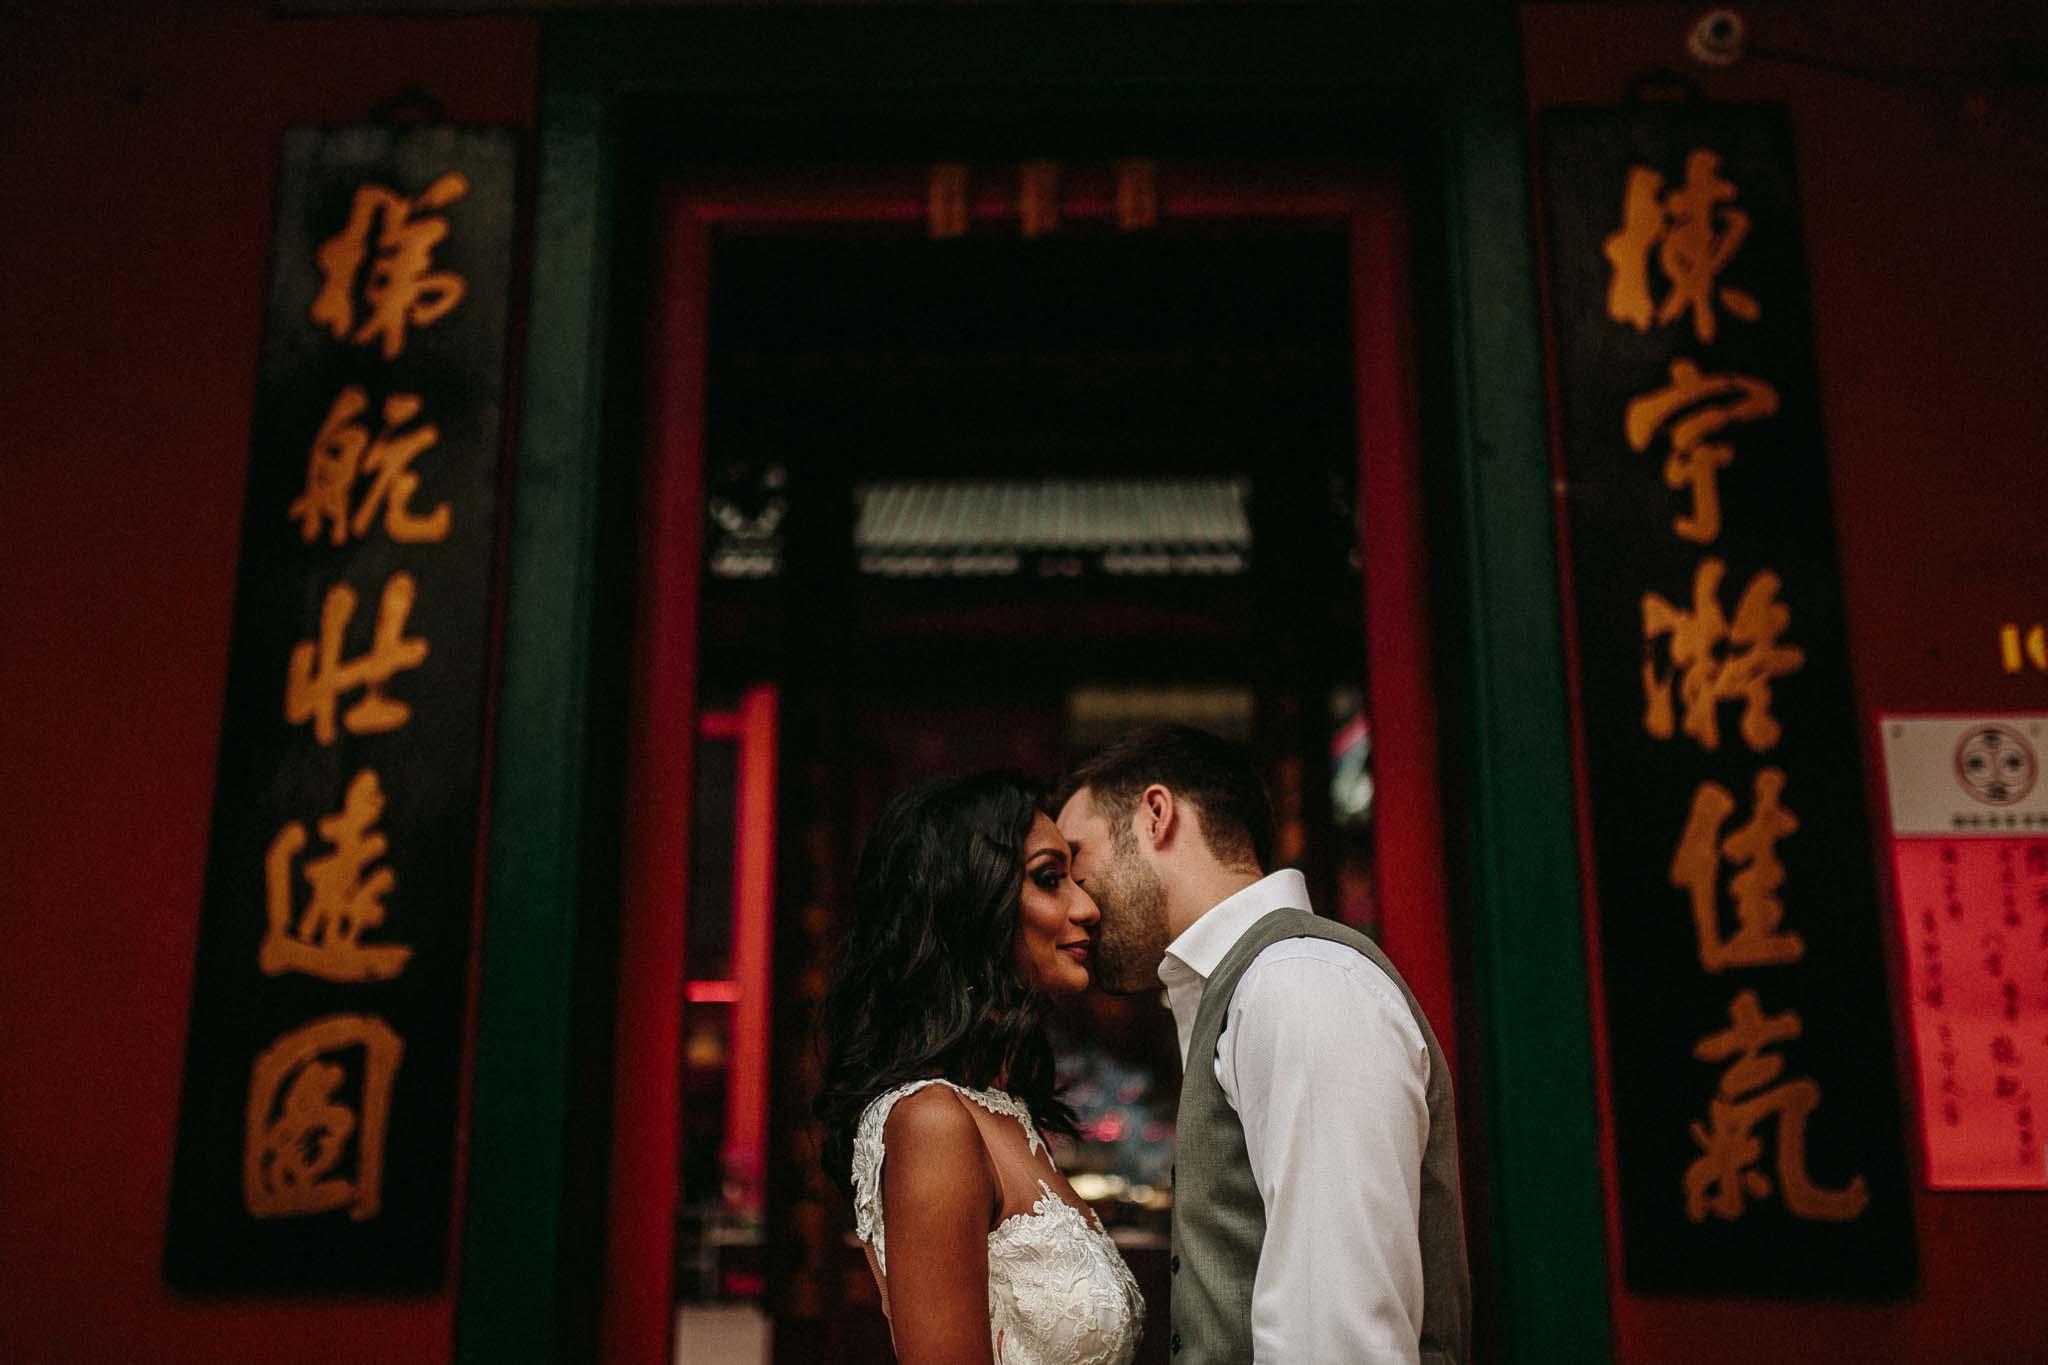 u&m-weddingsbyqay-lovesession-destinationweddingphotographer (71 of 160).jpg